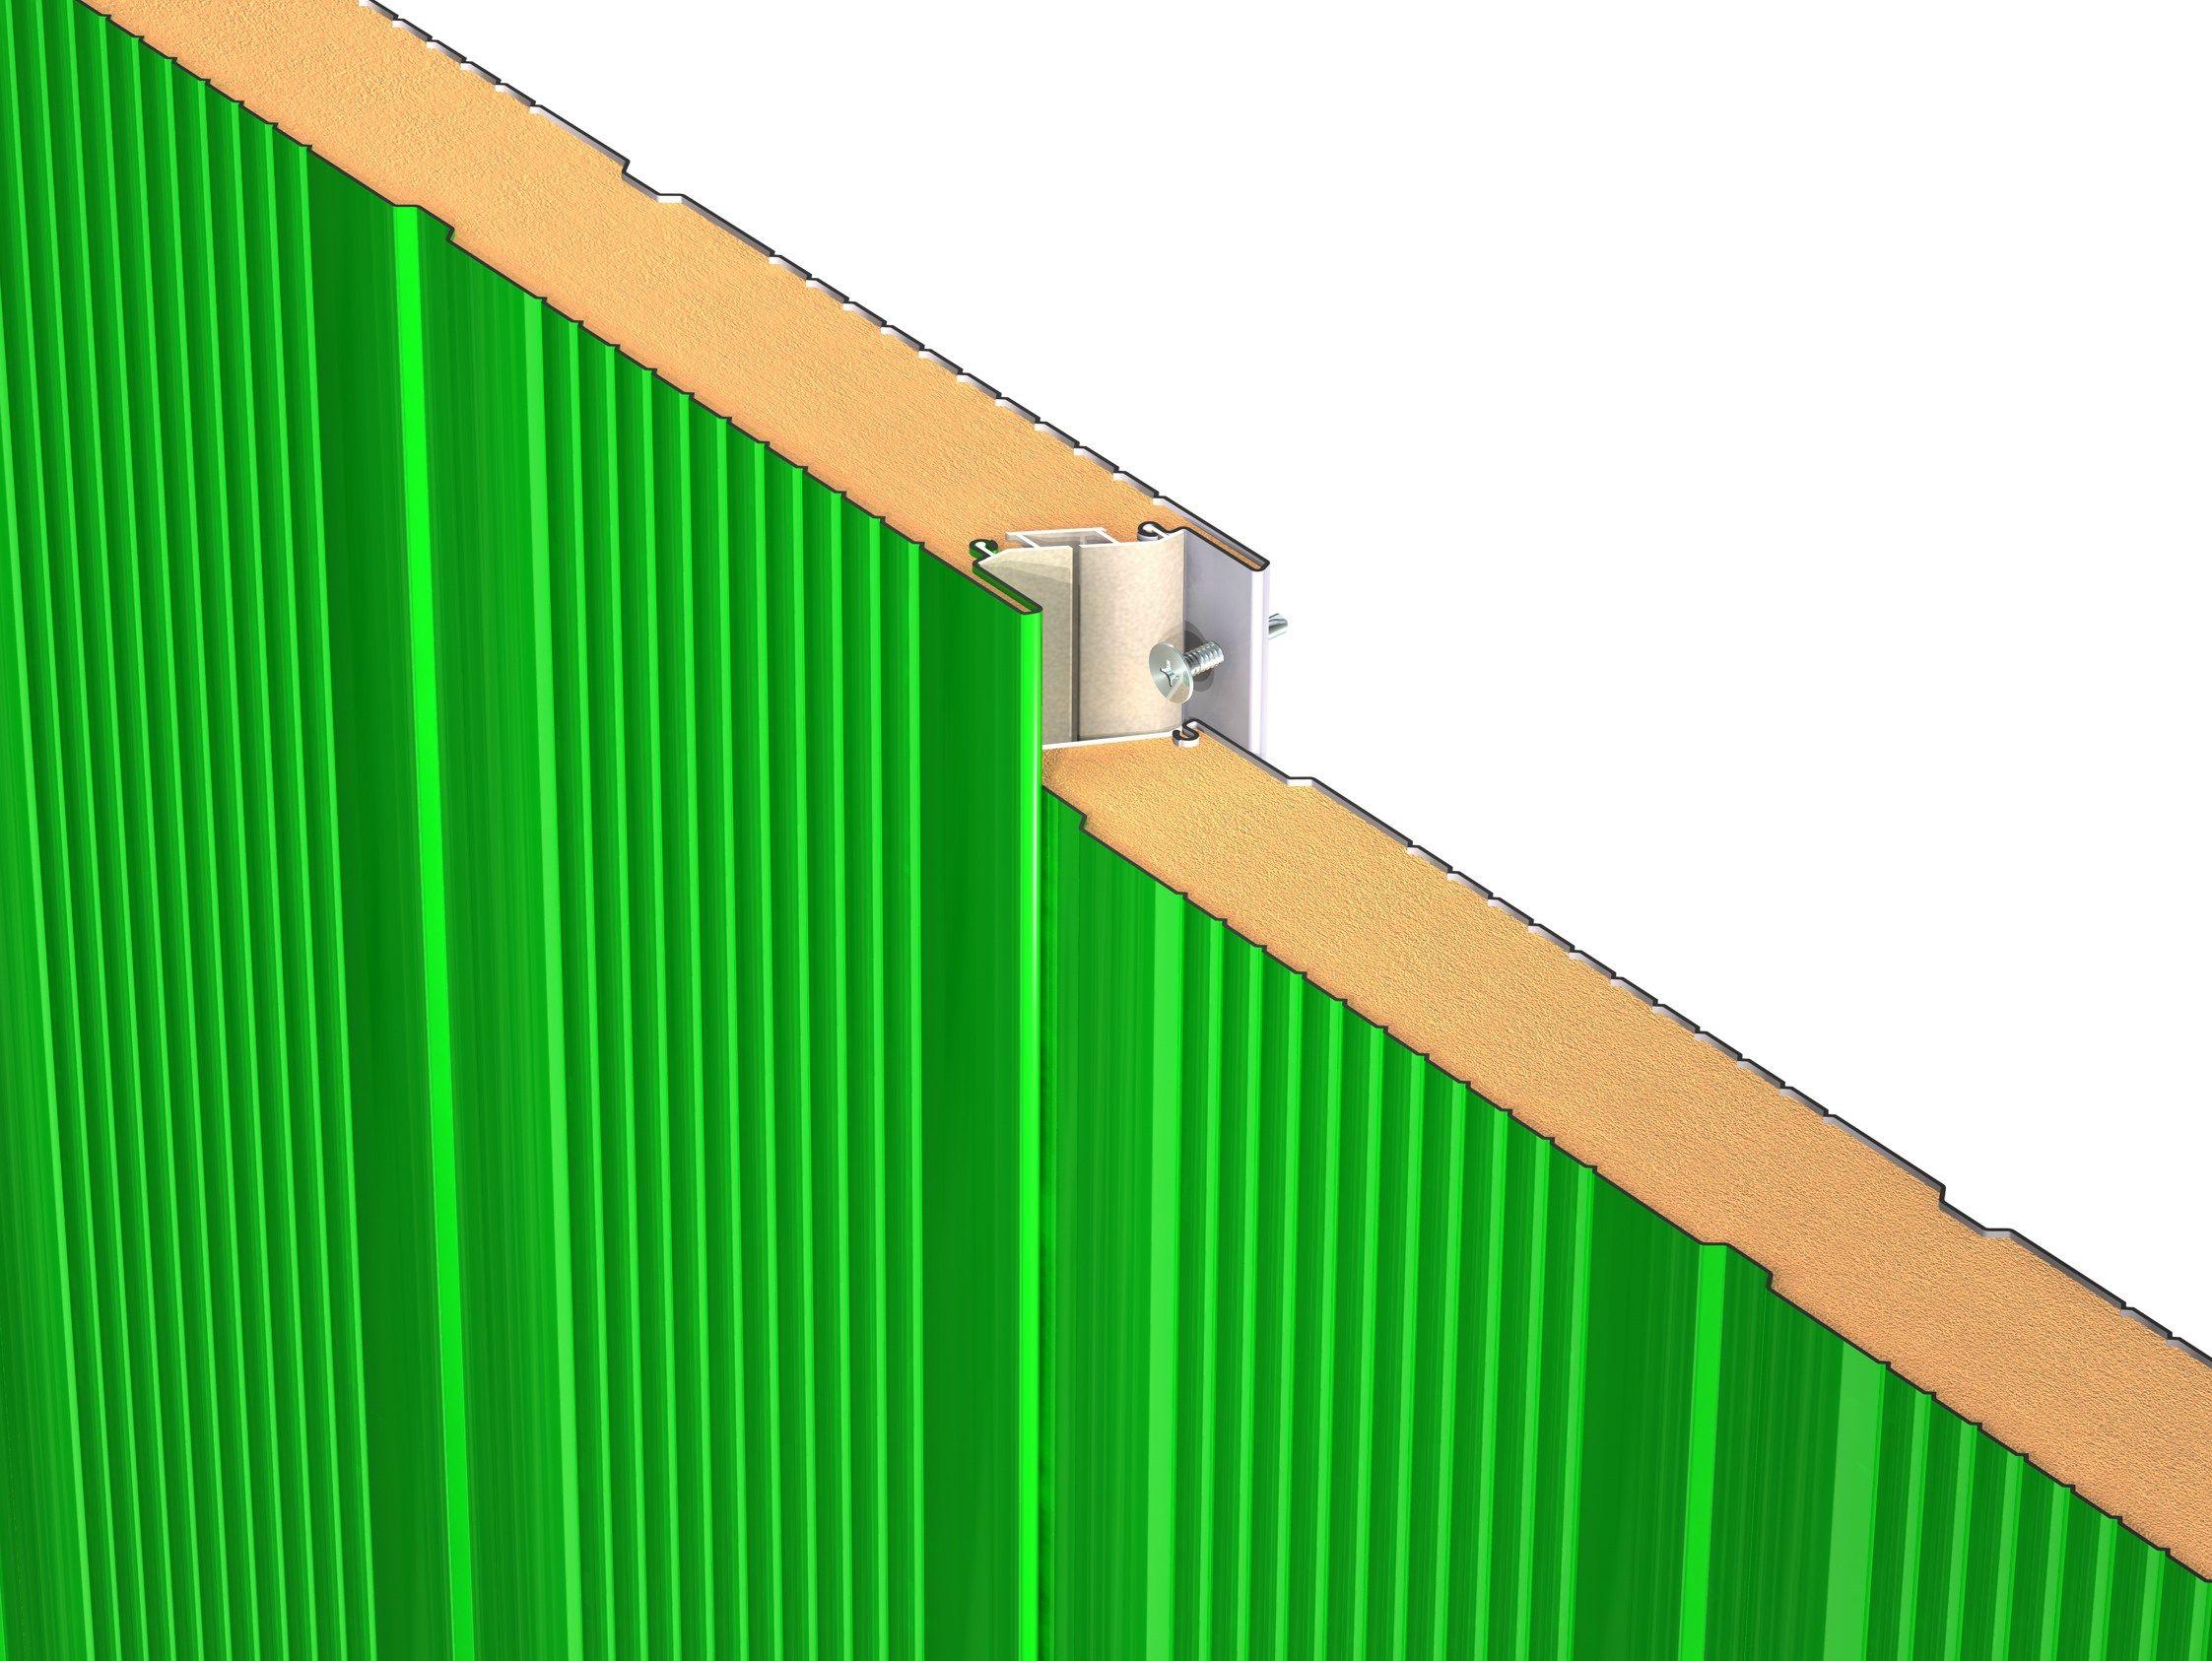 Pannelli metallici isolanti monolitici per pareti e - Pannelli per pareti interne ...